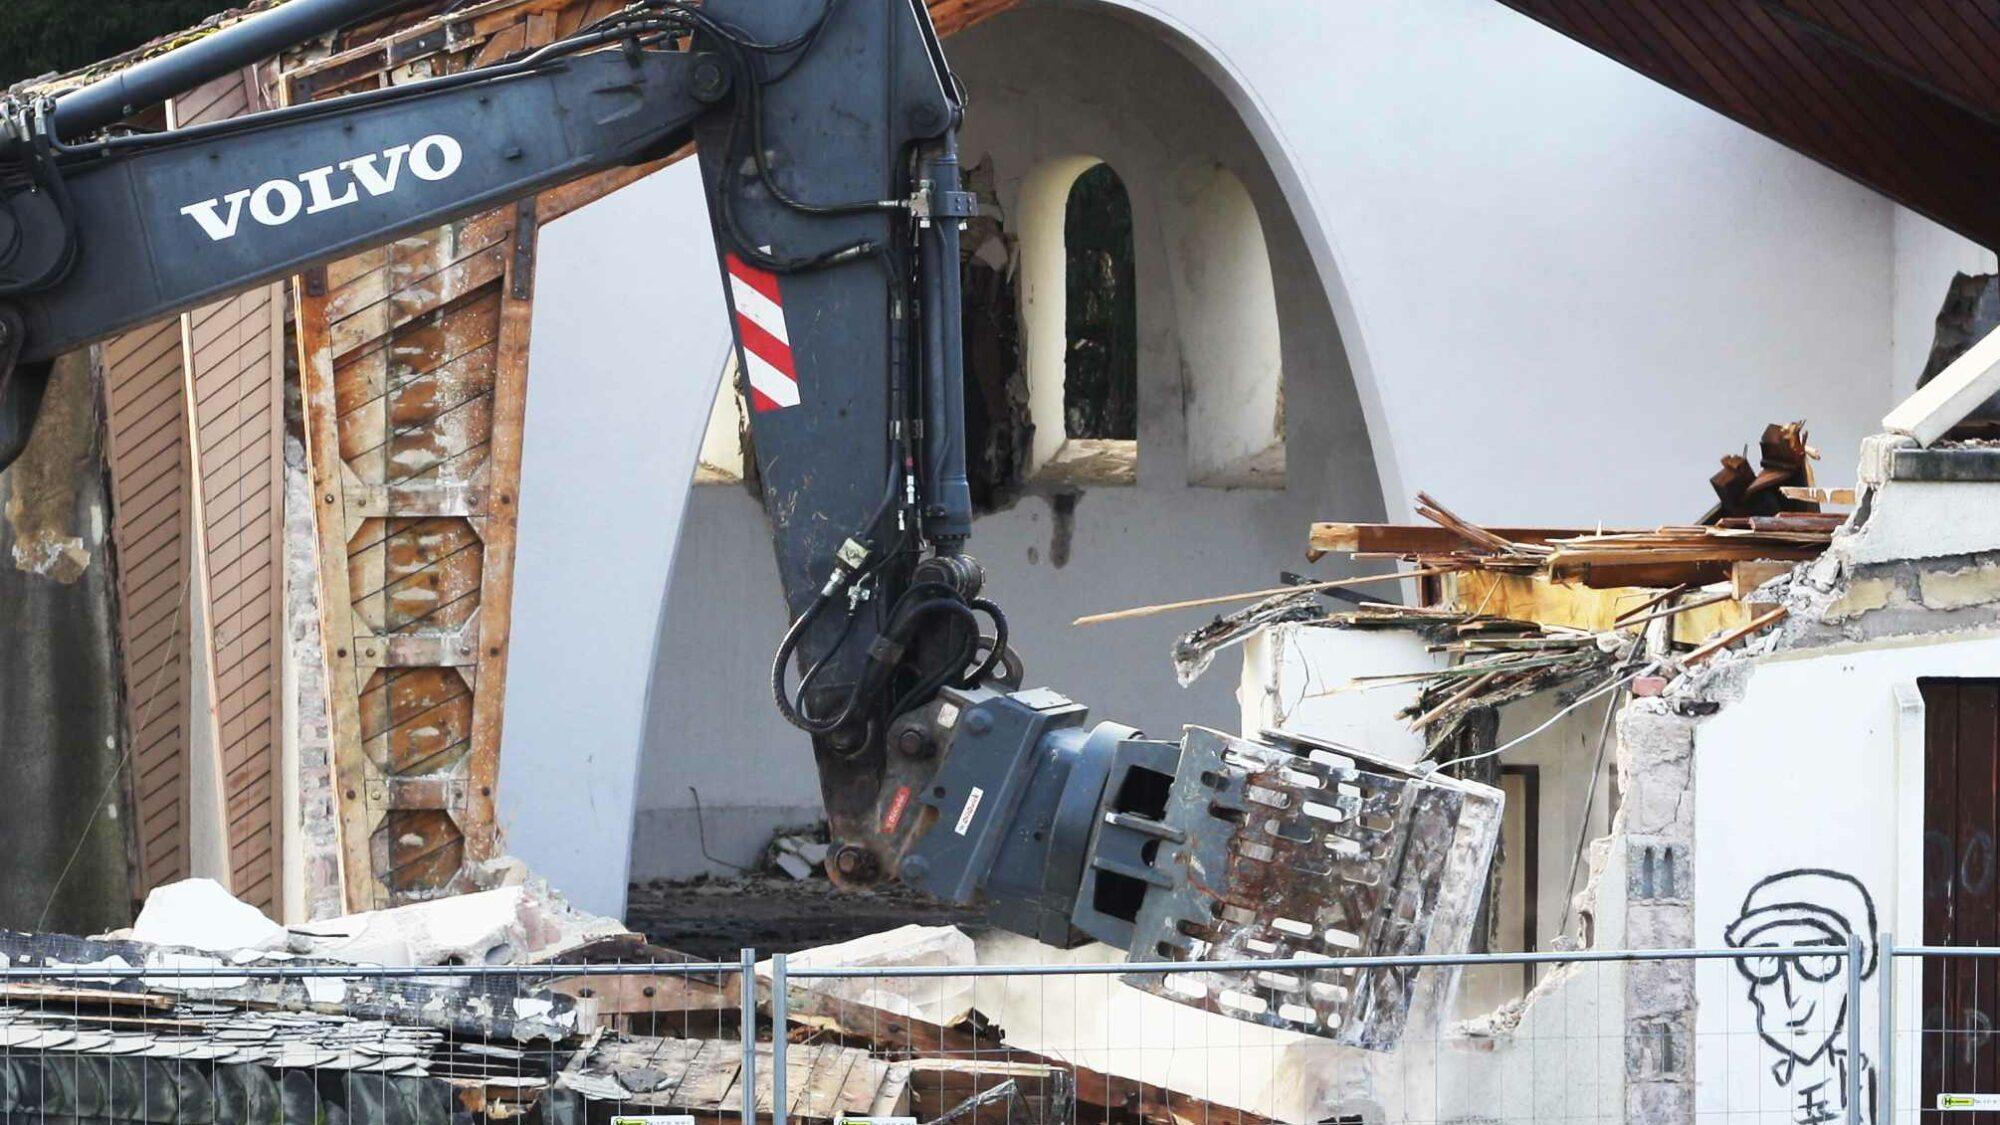 Umwelt-Campus Kirche Abriss